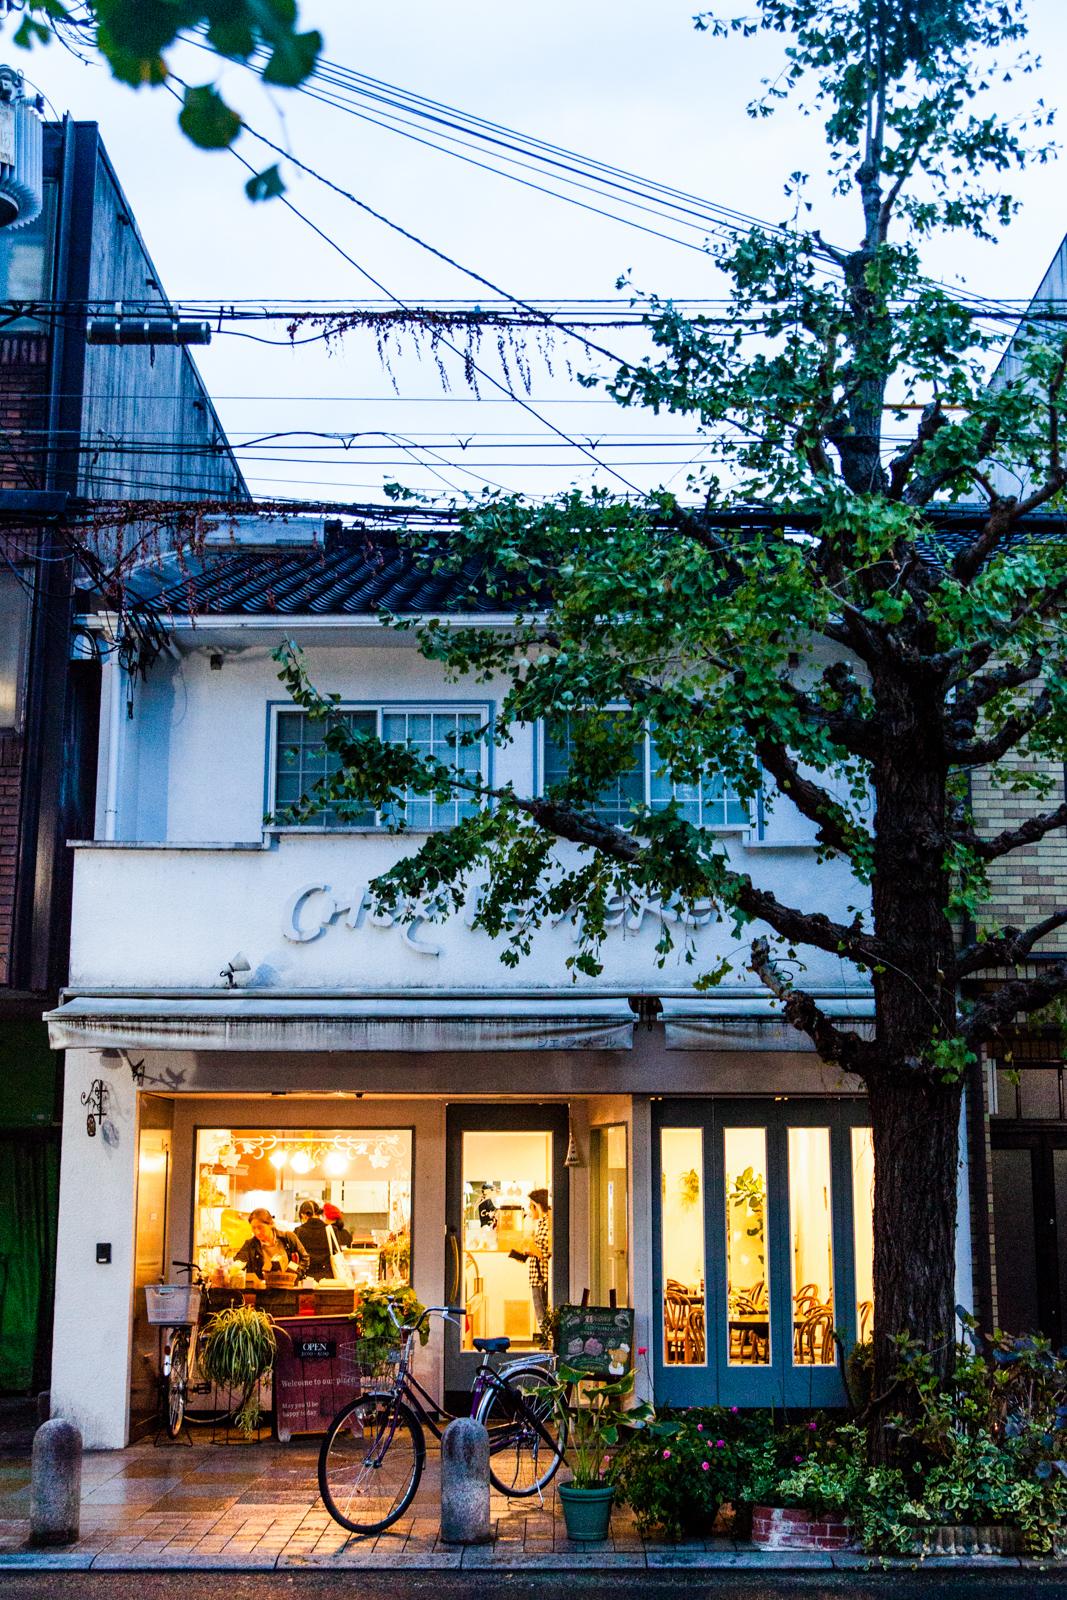 kyoto, voyage kyoto, tourisme kyoto, que faire à kyoto, canal takasegawa, canal kyoto, momiji kyoto, momiji 2016, automne kyoto, fall kyoto